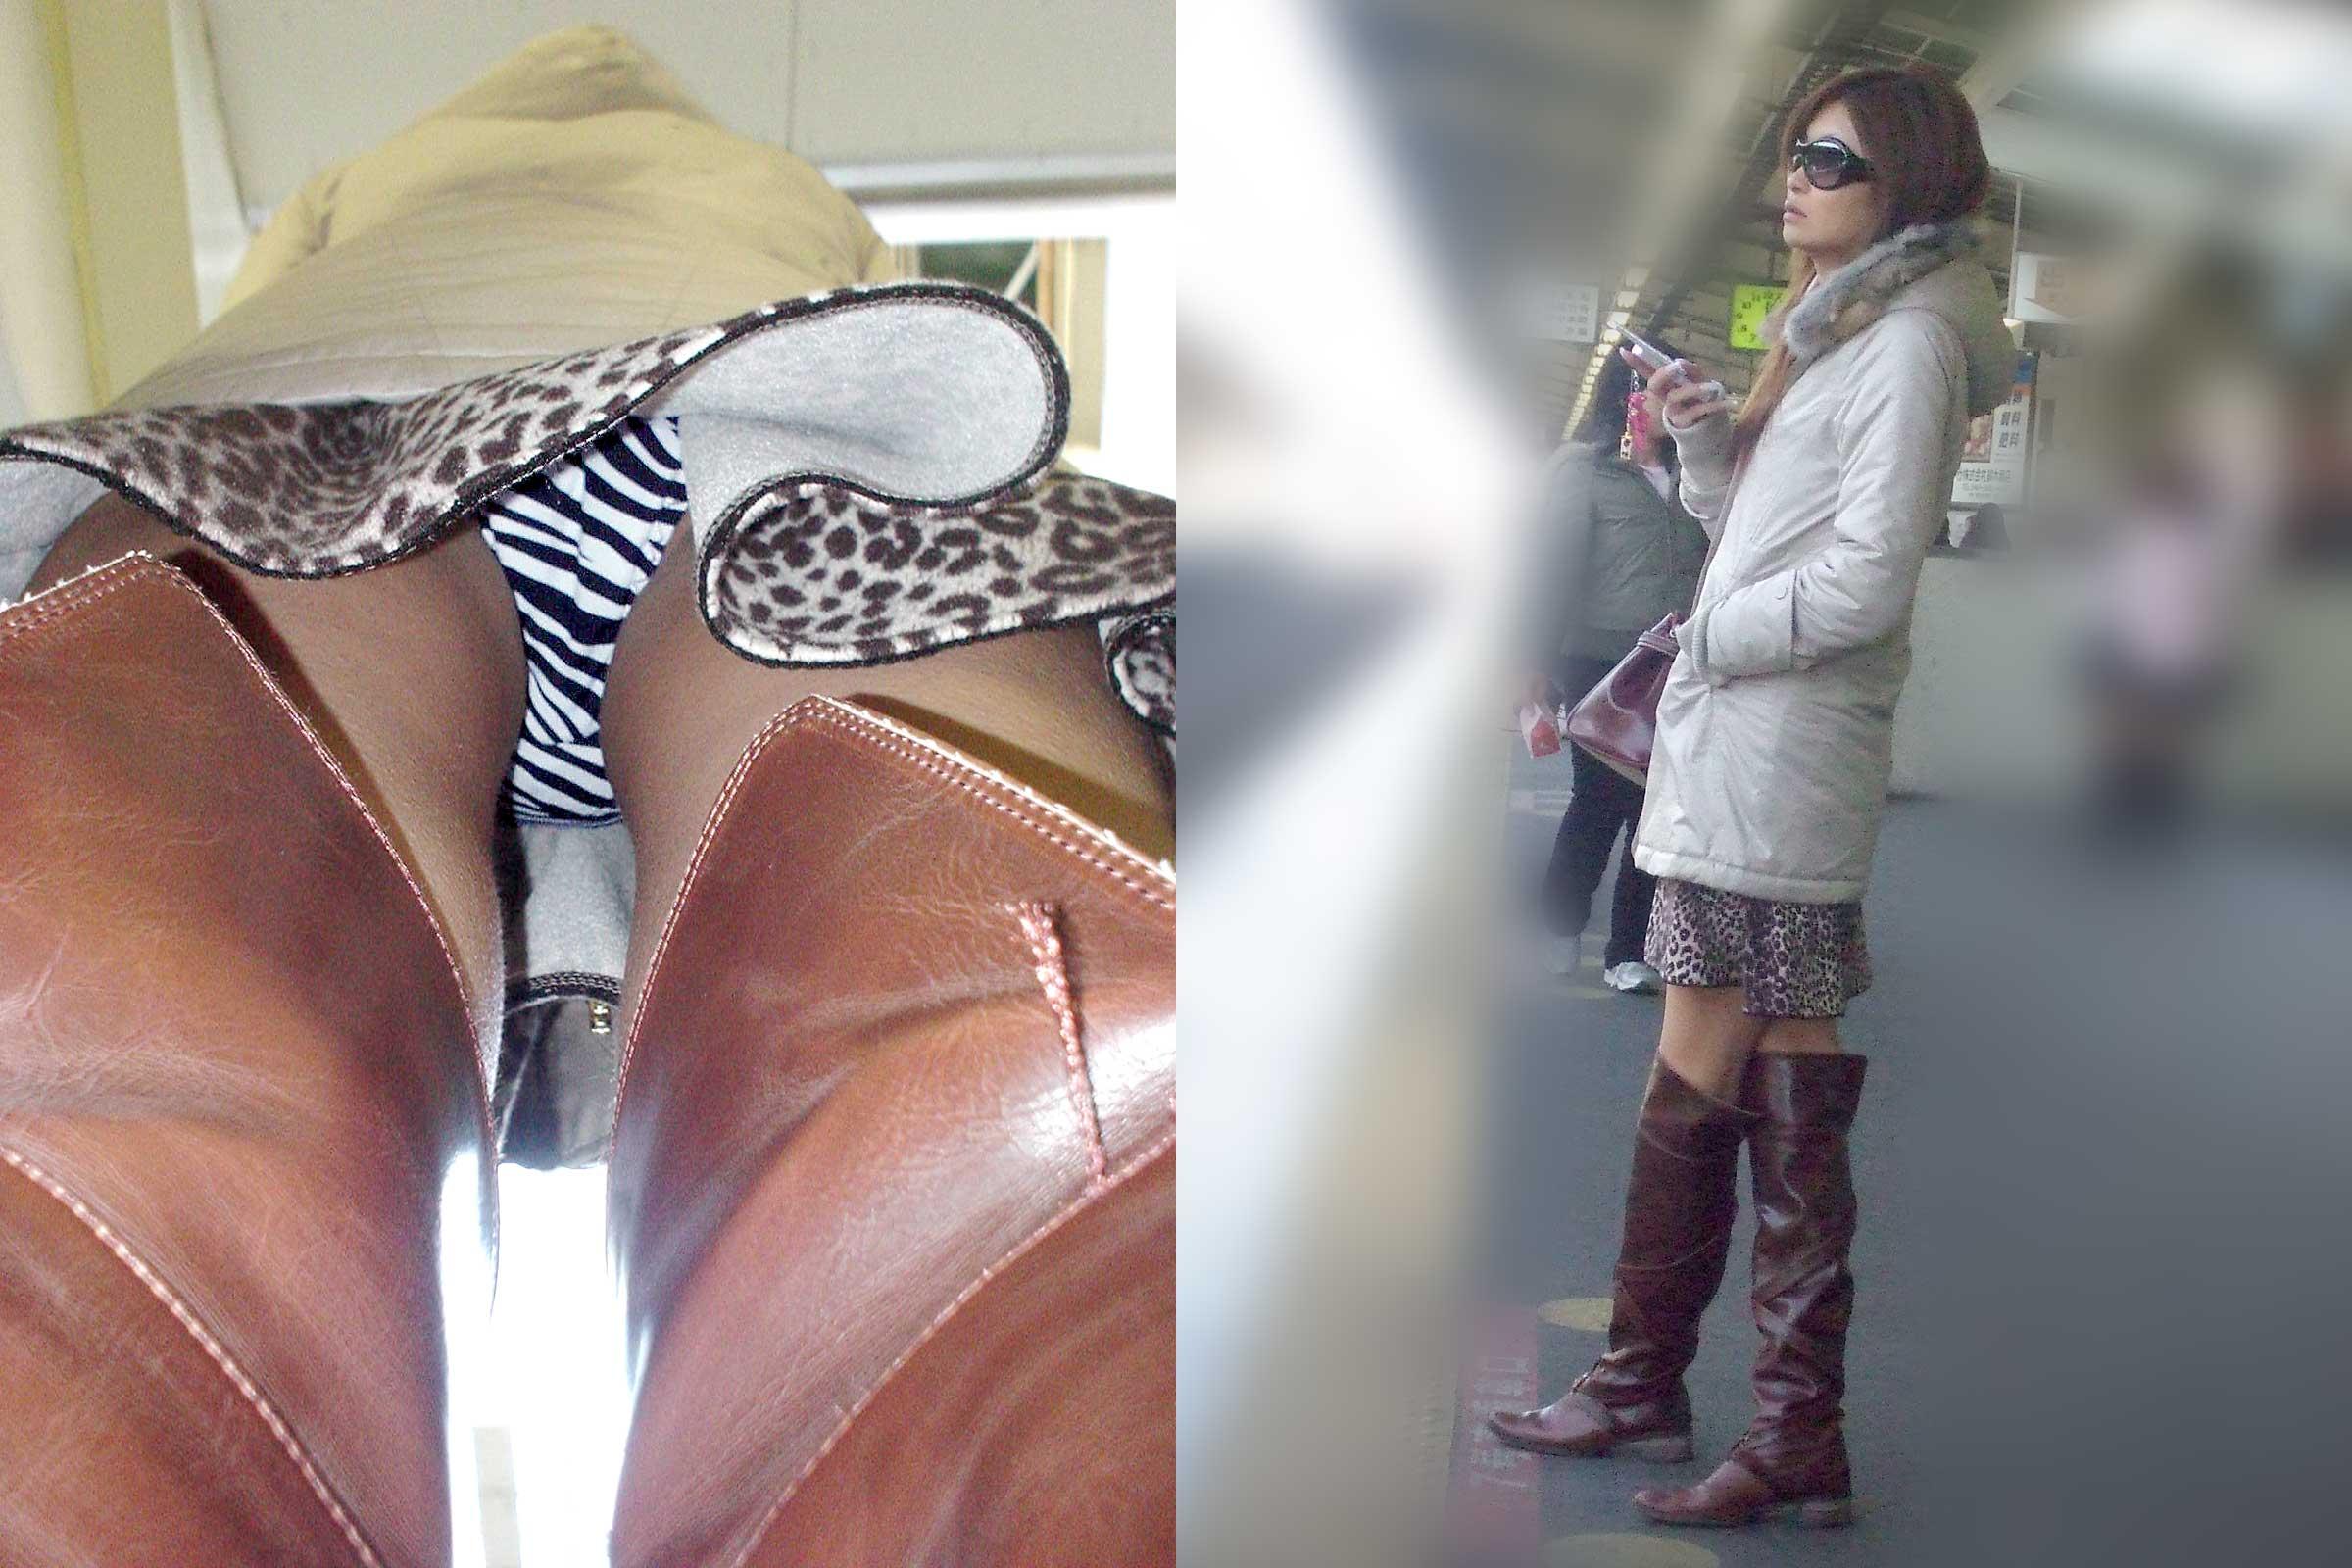 【パンチラエロ画像】履いてるパンツが本当の性格!真実を暴く逆さ撮りwww 11